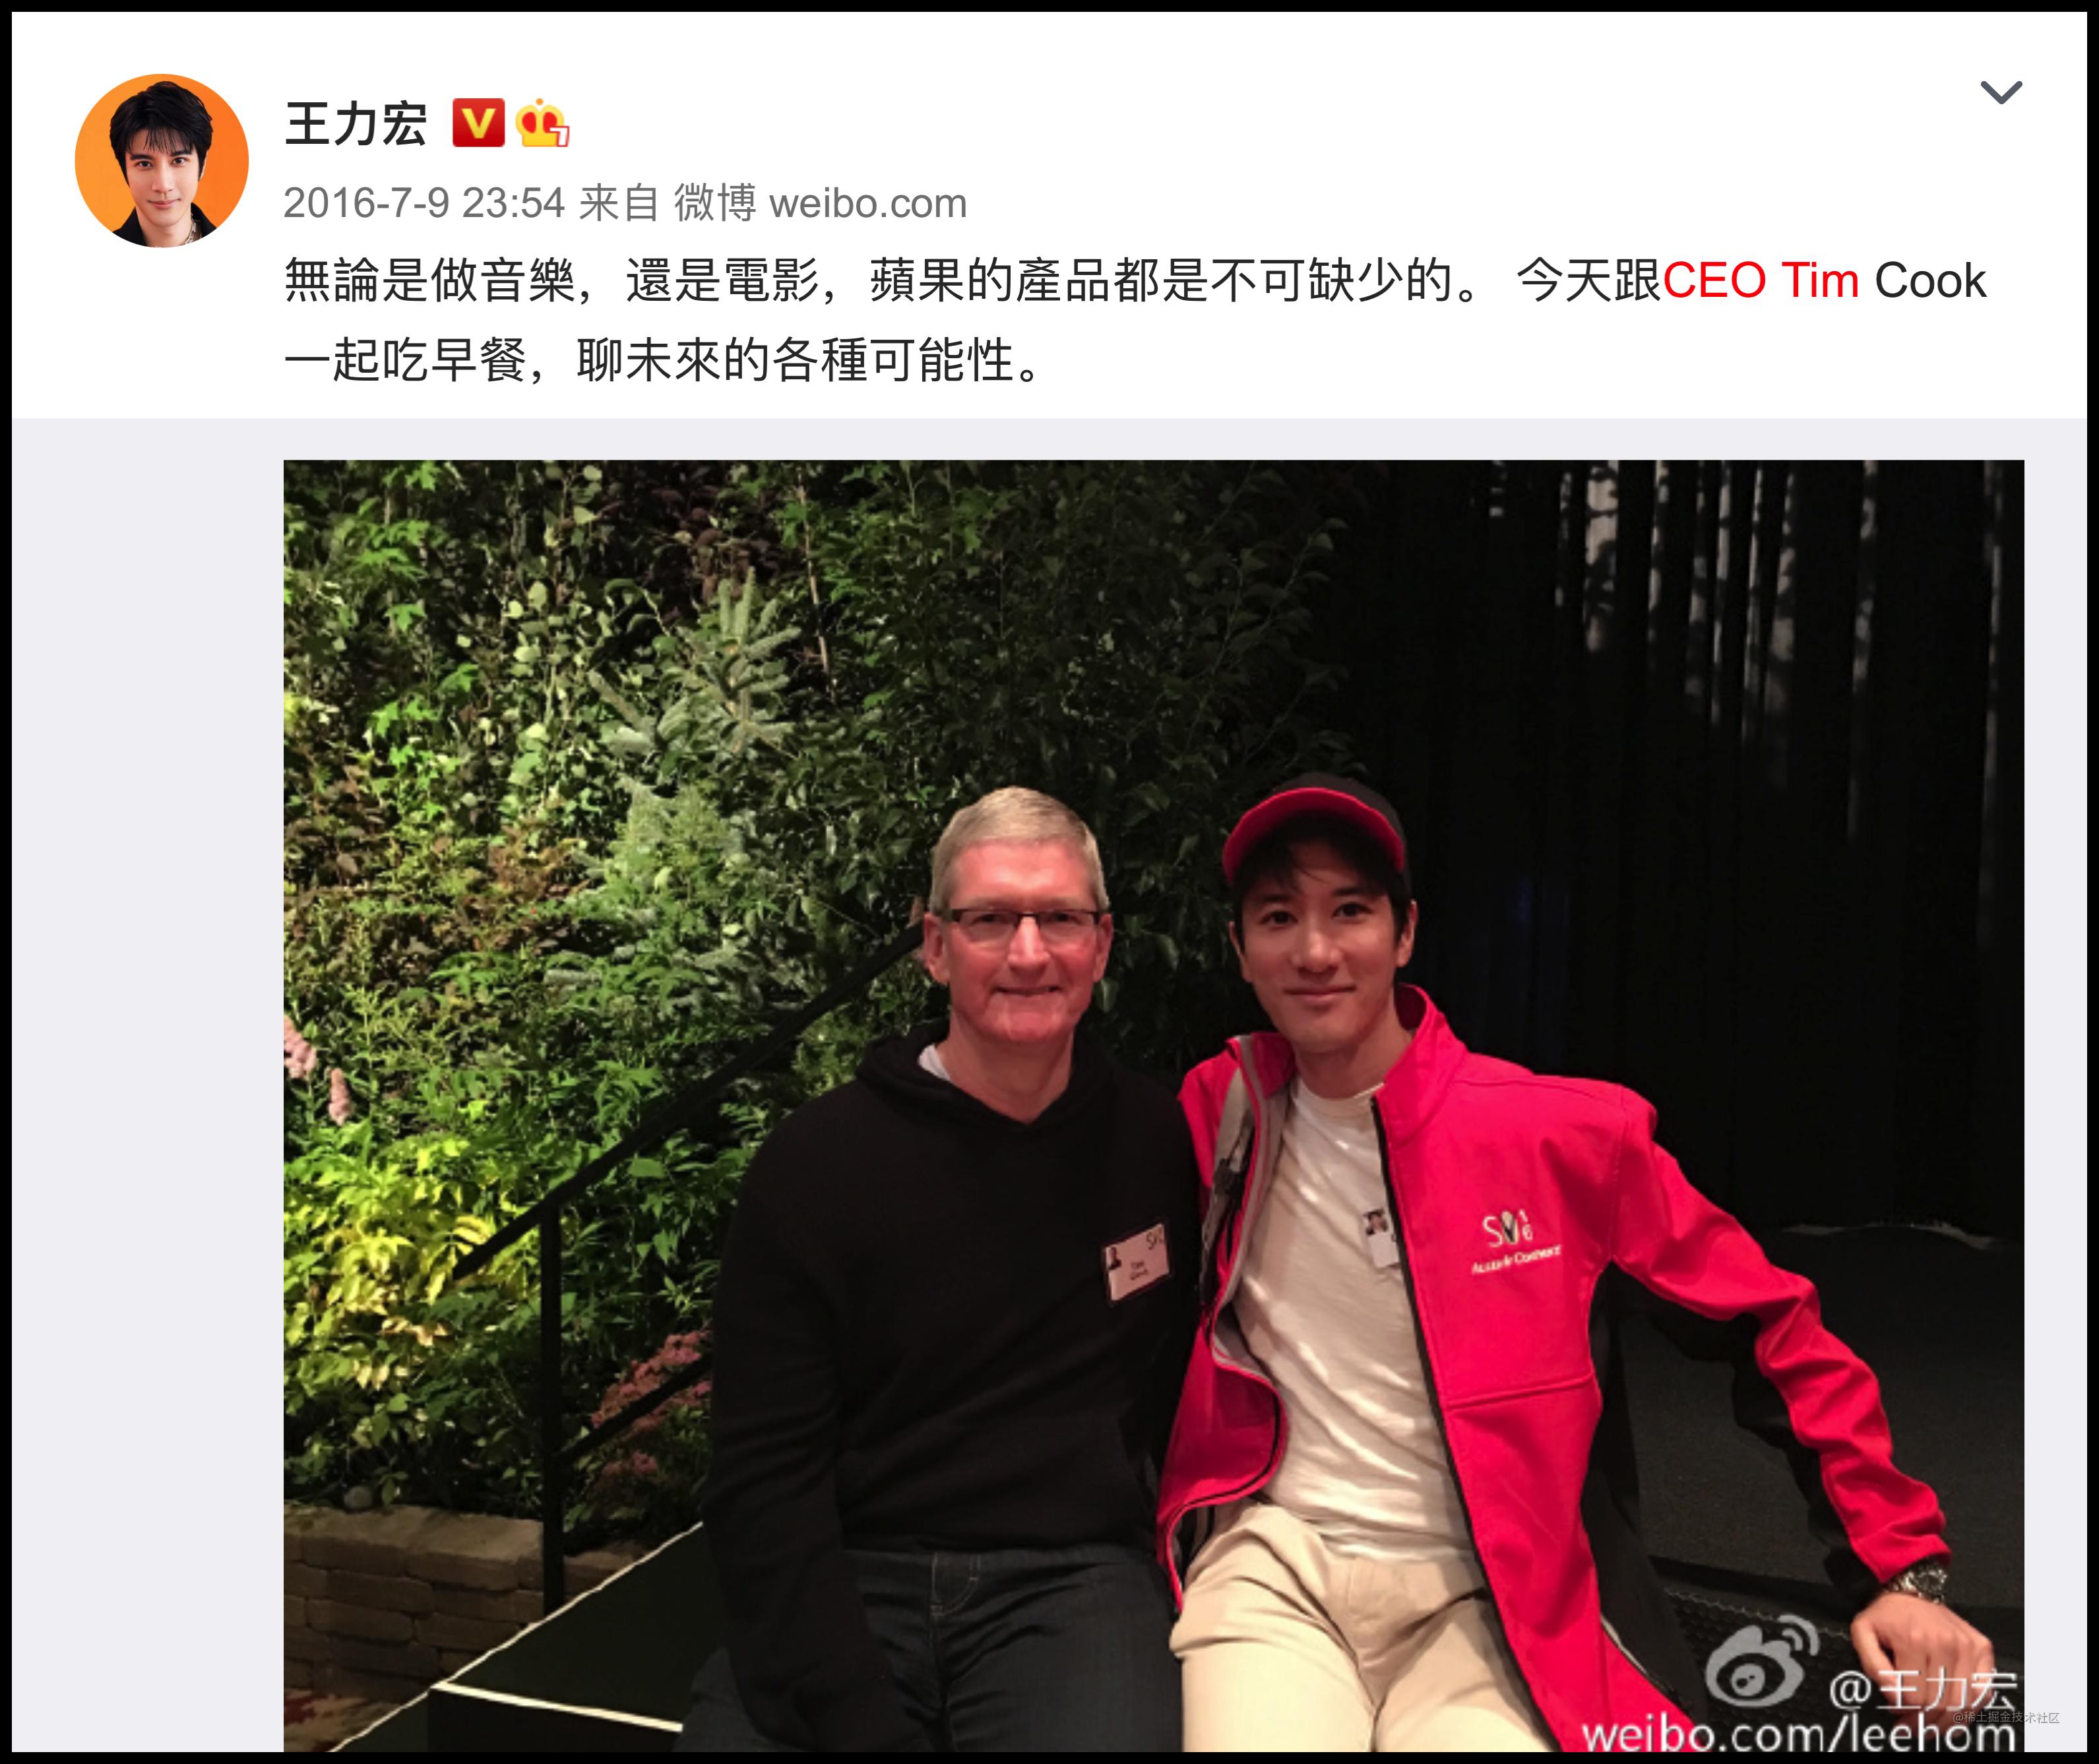 2016-王力宏和库克.png